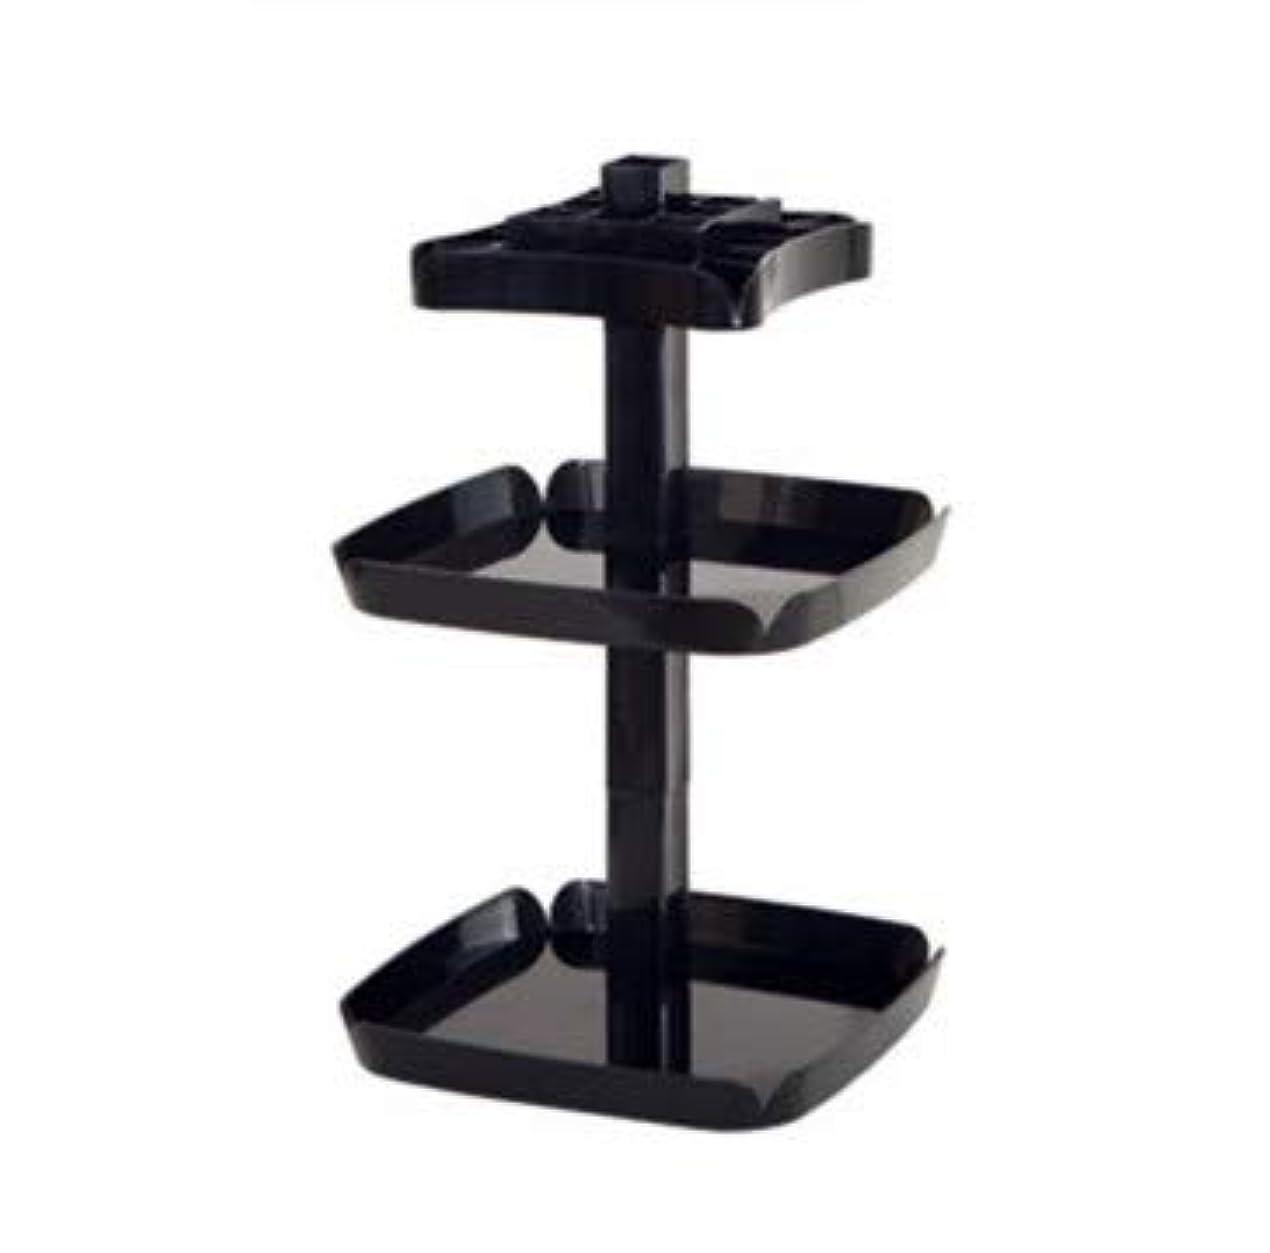 何賢明なジェスチャークリエイティブ回転マニュアルデスクトップ化粧品収納ボックスプラスチック多機能家庭用仕上げボックス (Color : ブラック)